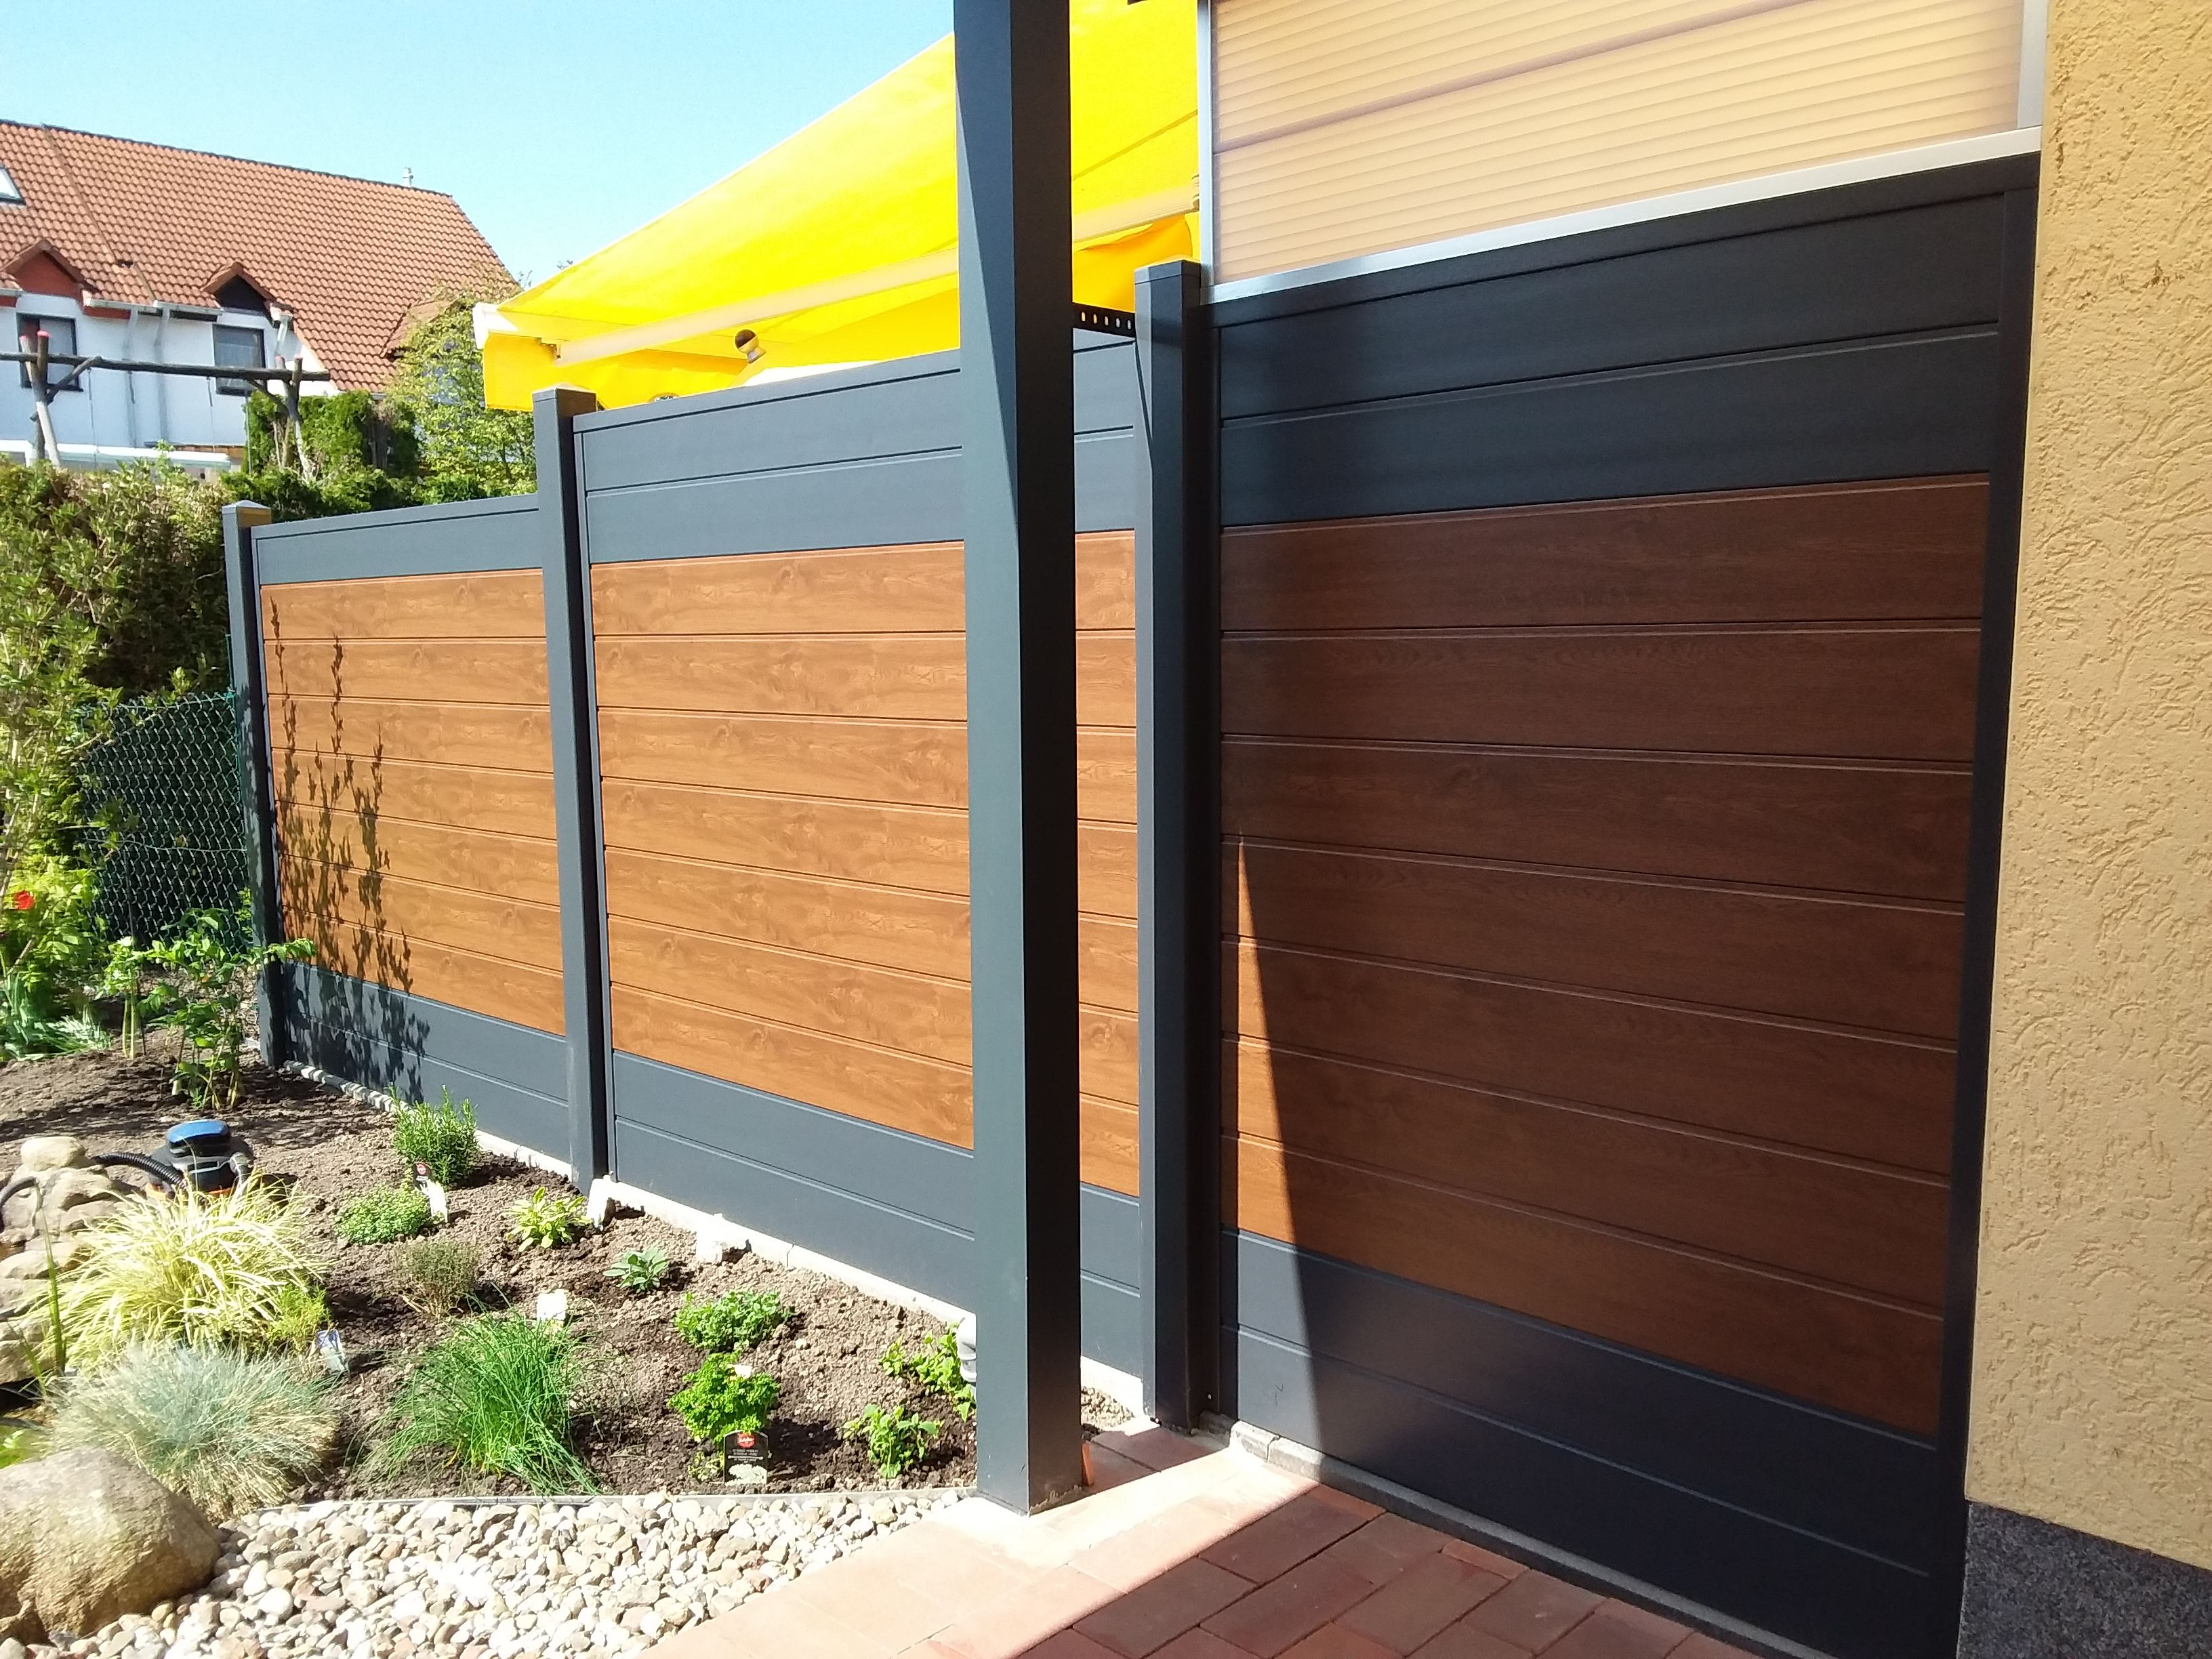 Sichtschutz In Anthrazit Und Nussbaum Sichtschutz Terrasse